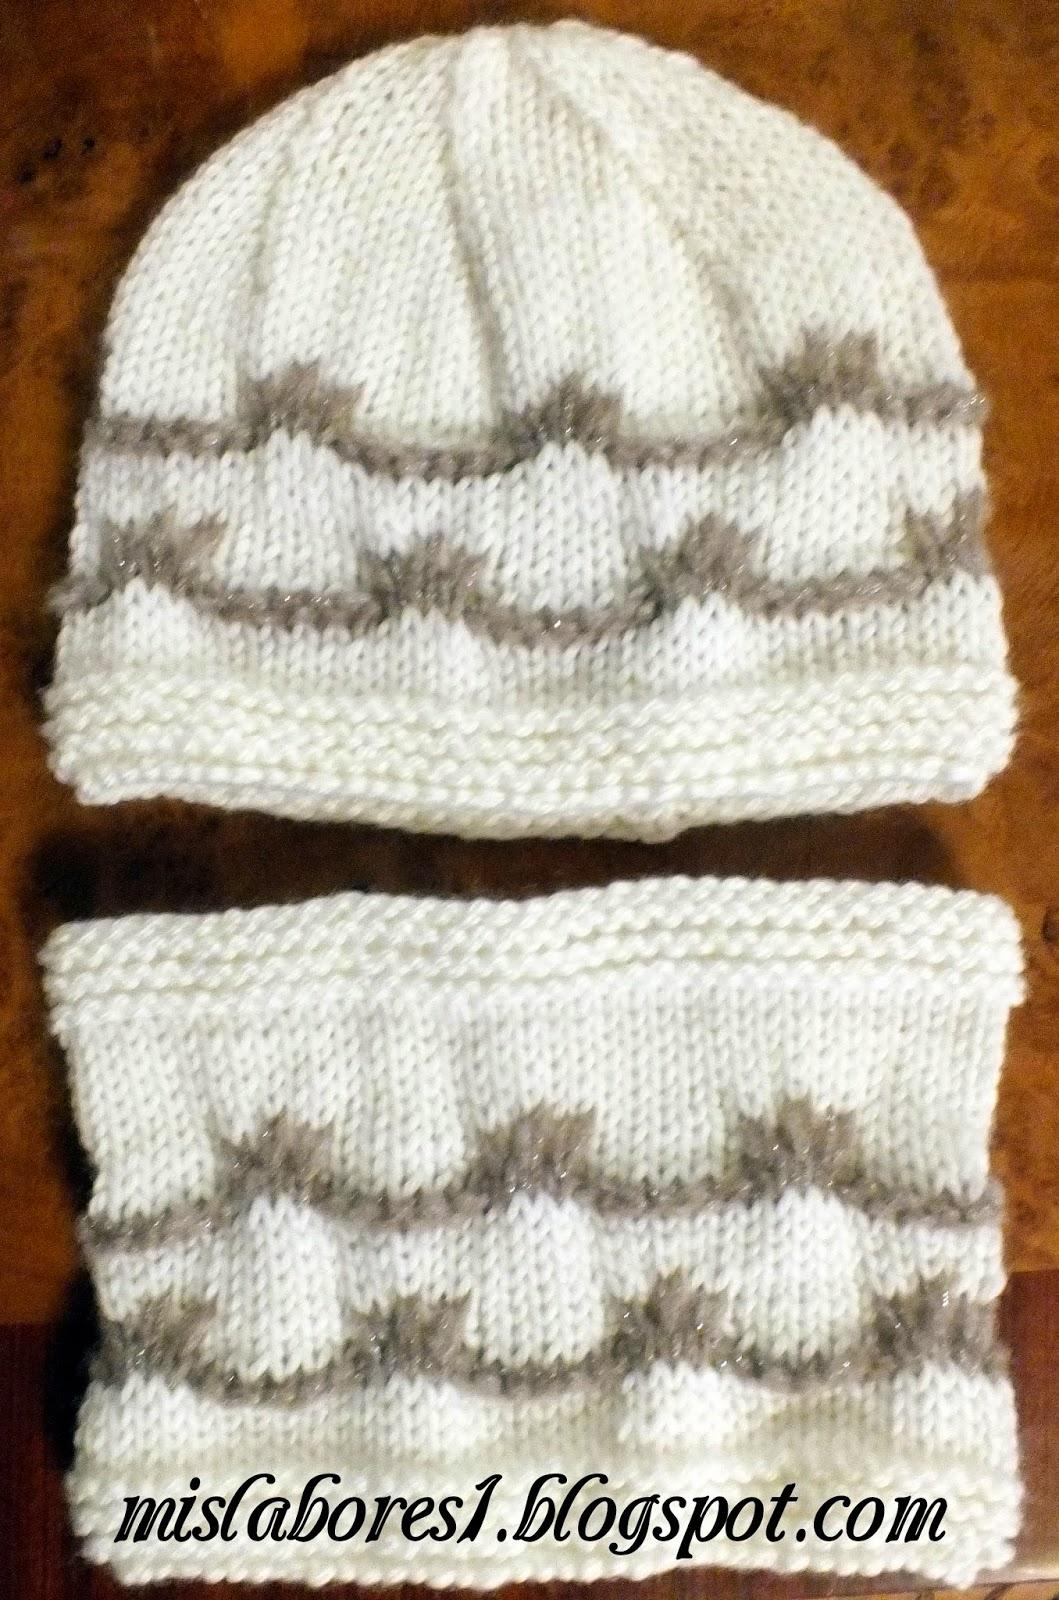 Talla 2 3 años. Materiales necesarios  100g de lana Merino Aran de Katia y  un poco de lana de otro color 01602bc9f30